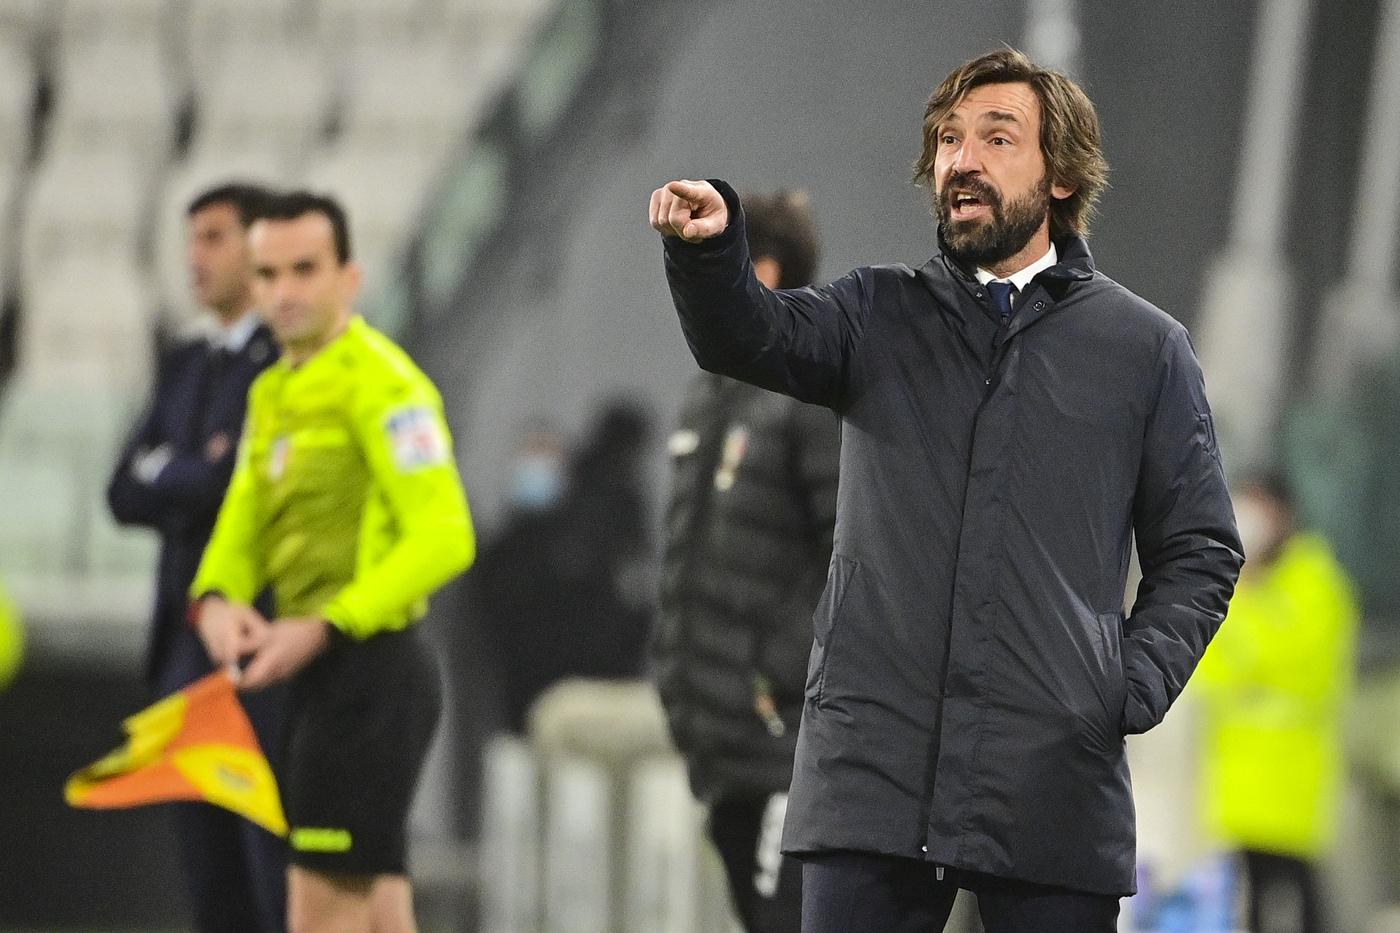 """Vigilia di Napoli-Juve, Pirlo: """"Gattuso a rischio? Mi spiace ma dobbiamo vincere"""""""